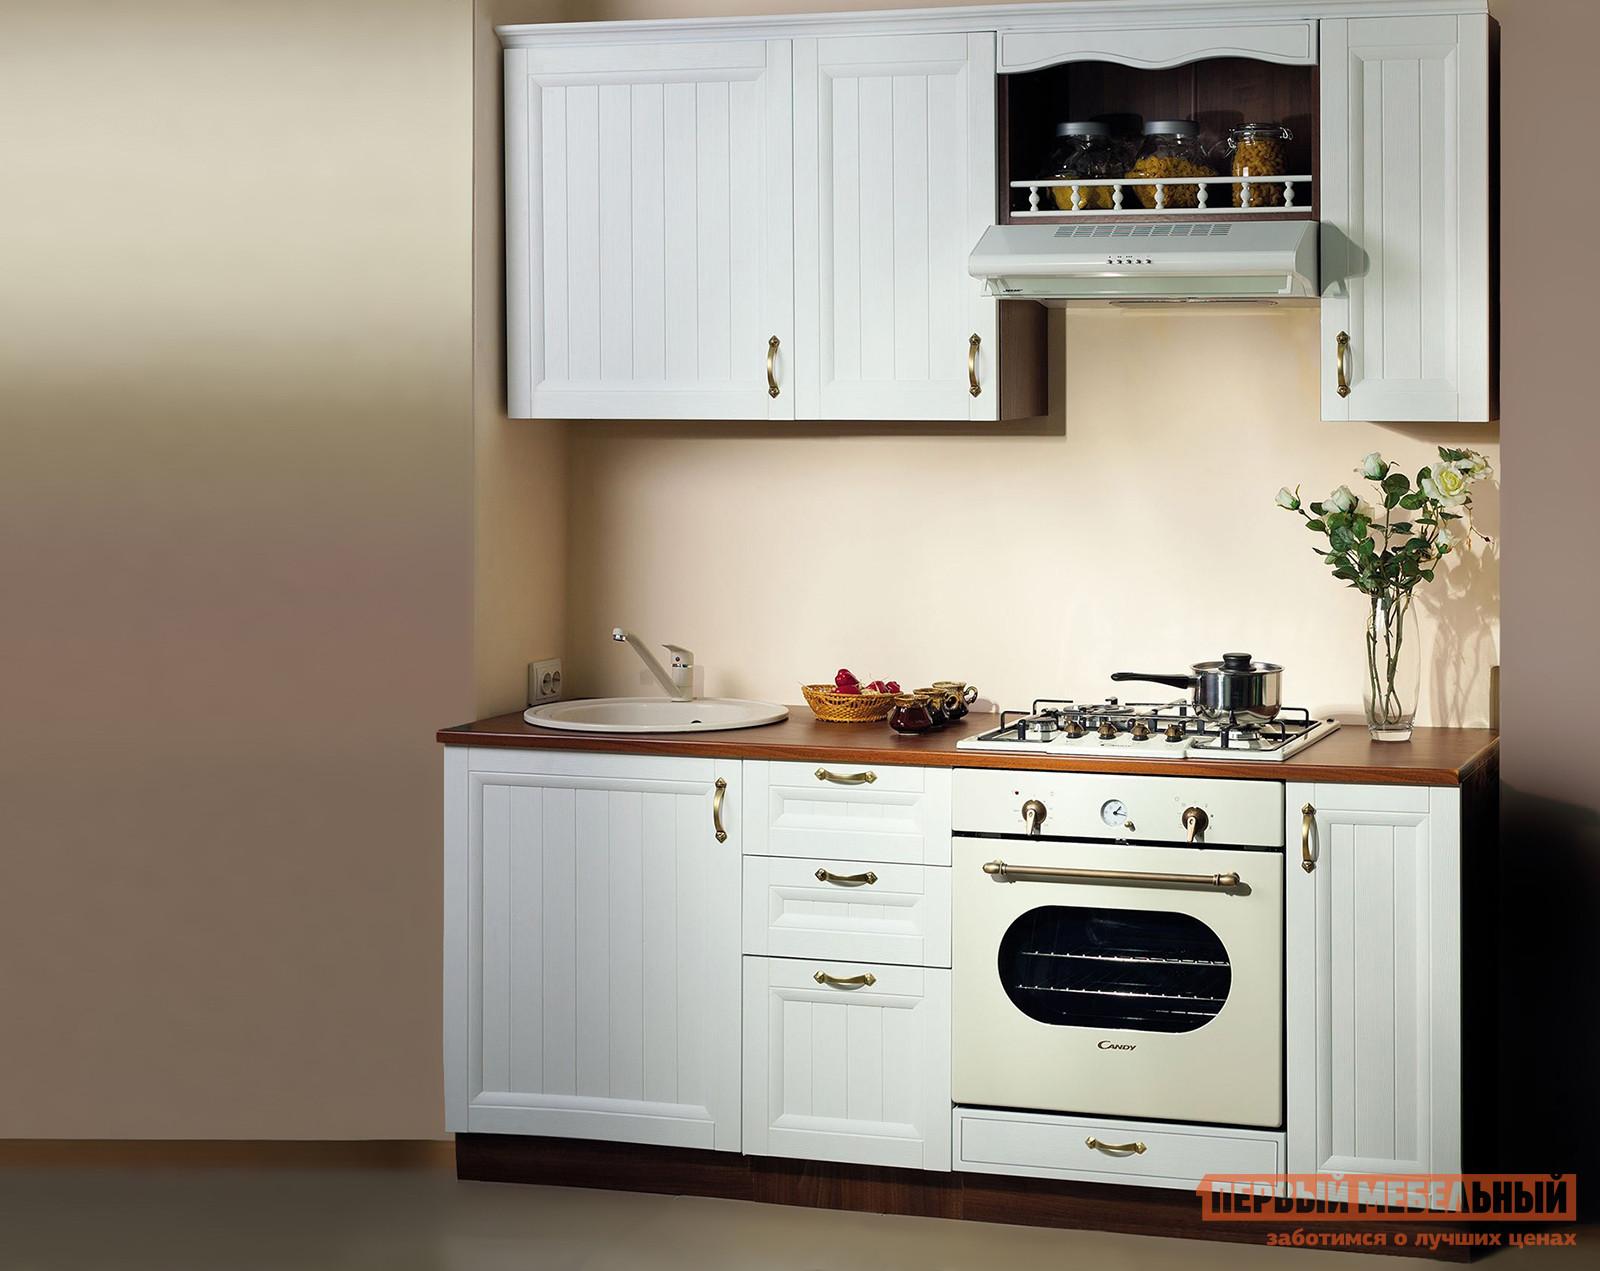 Кухонный гарнитур Любимый дом Кантри 190 см Ясень Светлый любимый дом кухонный гарнитур анастасия